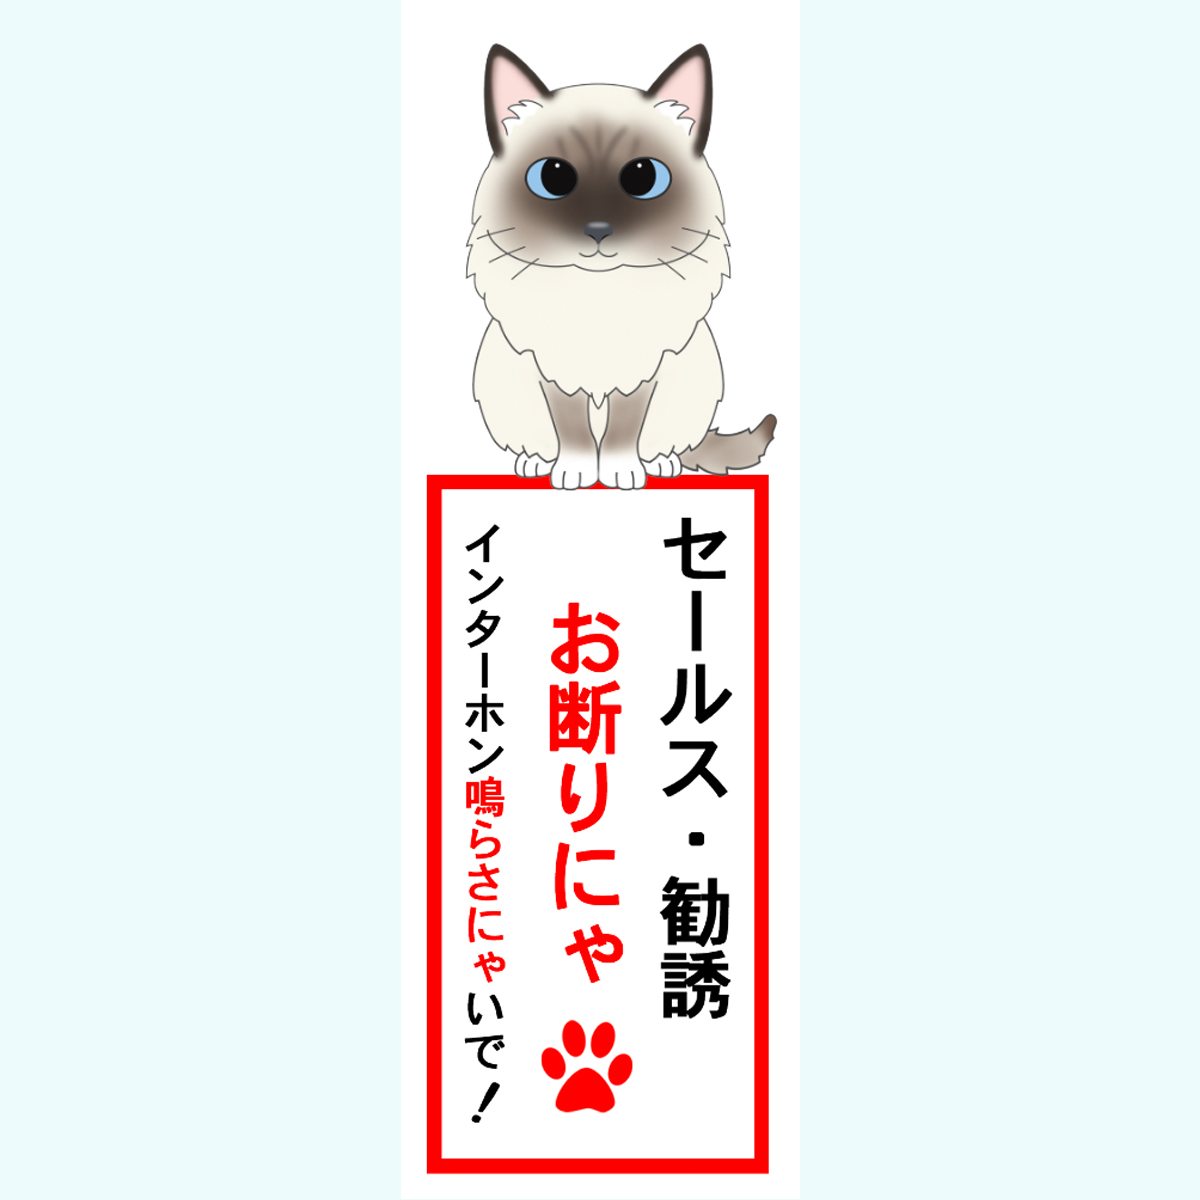 迷惑なセールス 勧誘を猫ちゃんがお断り 役立つ猫ステッカー セールスお断り猫ステッカー ラグドール ステッカー 猫 お役立ち 迷惑防止 玄関 市場 送料無料 激安 お買い得 キ゛フト